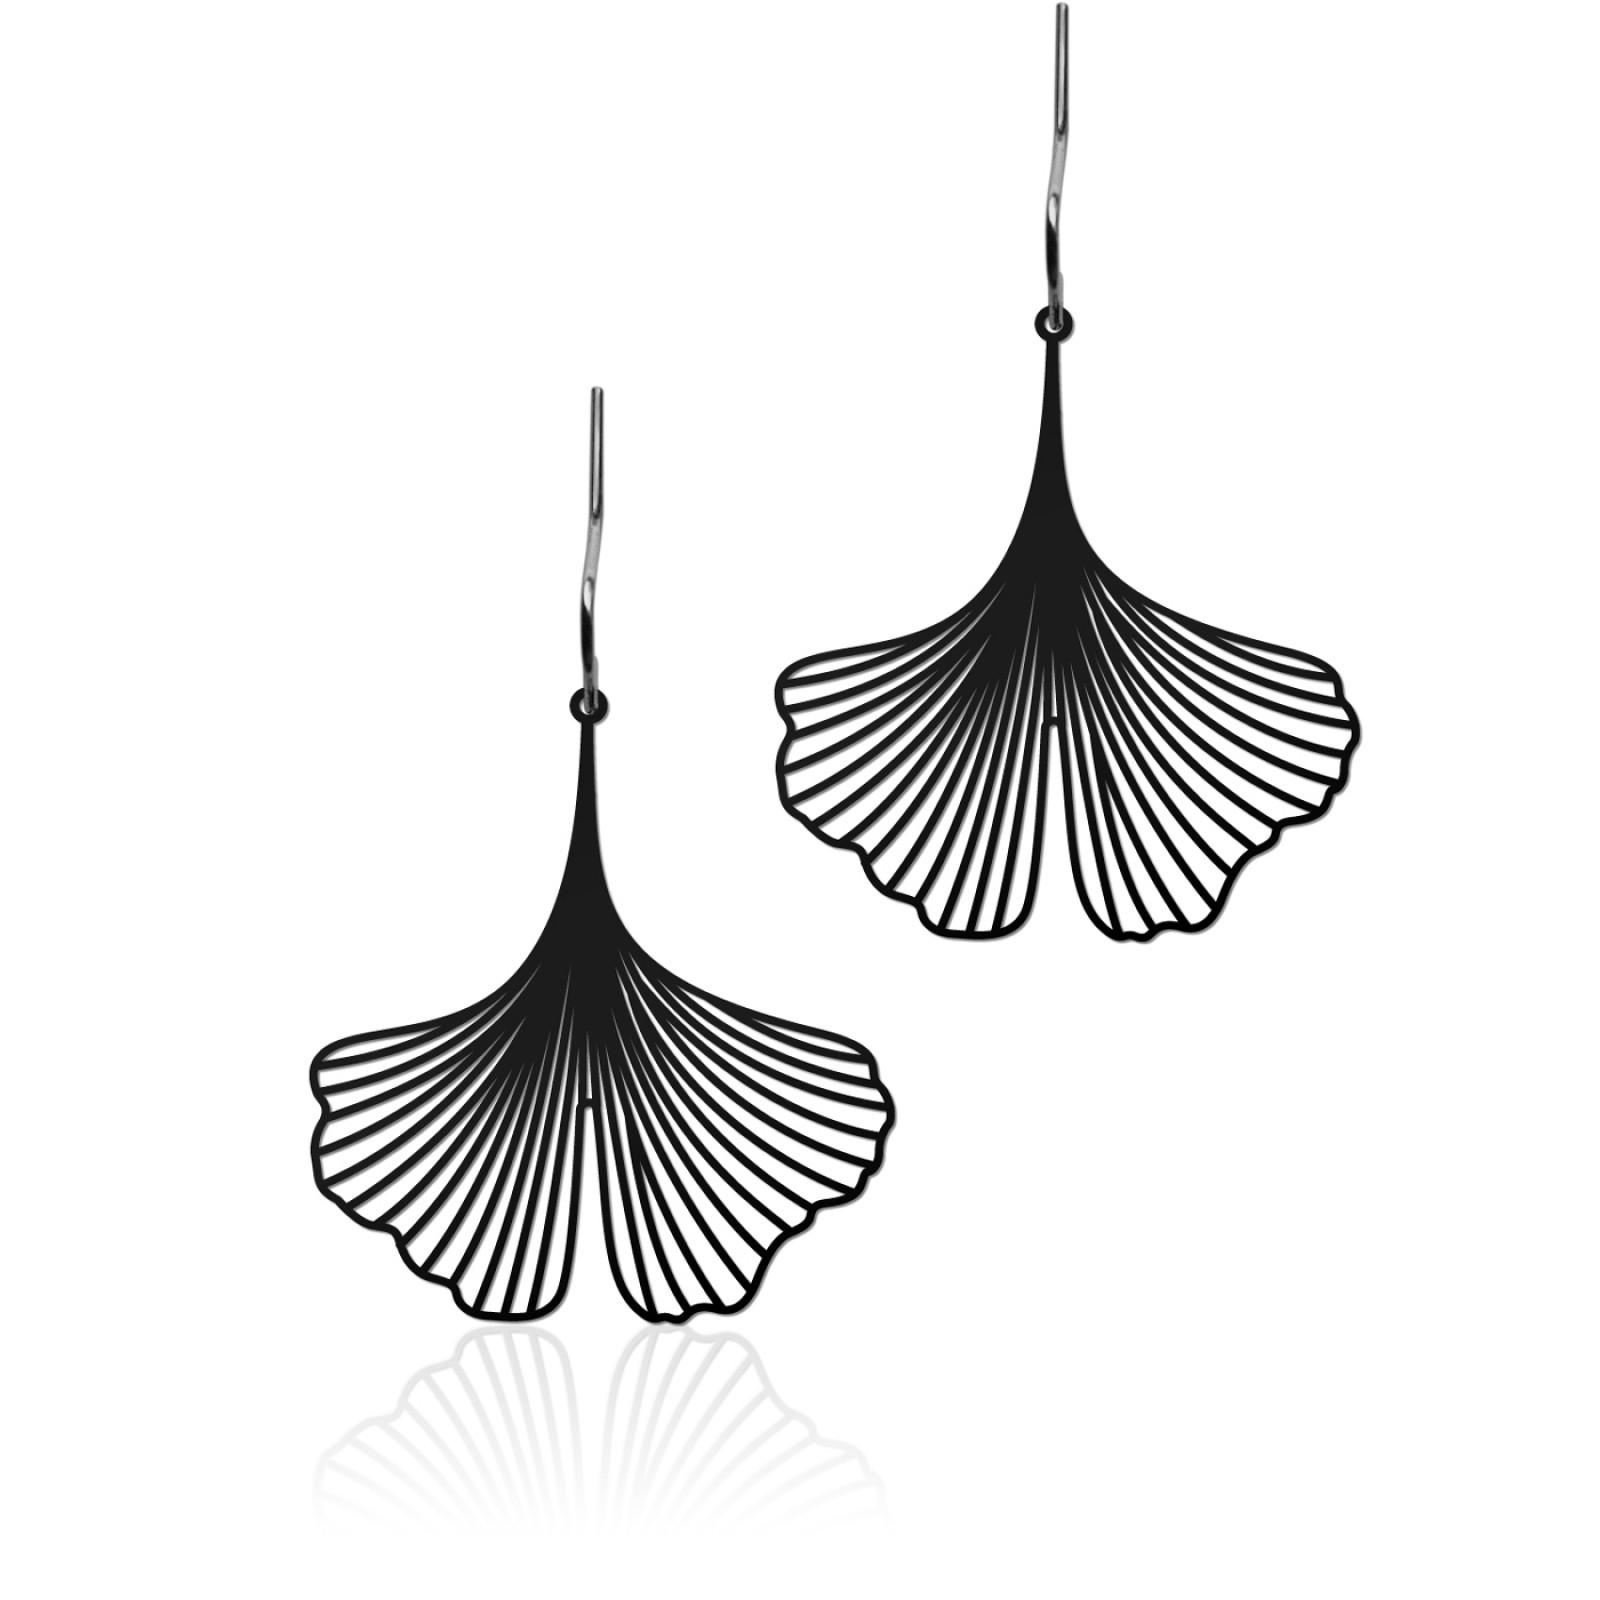 Ginkgo Earrings S (Black) - Moorigin